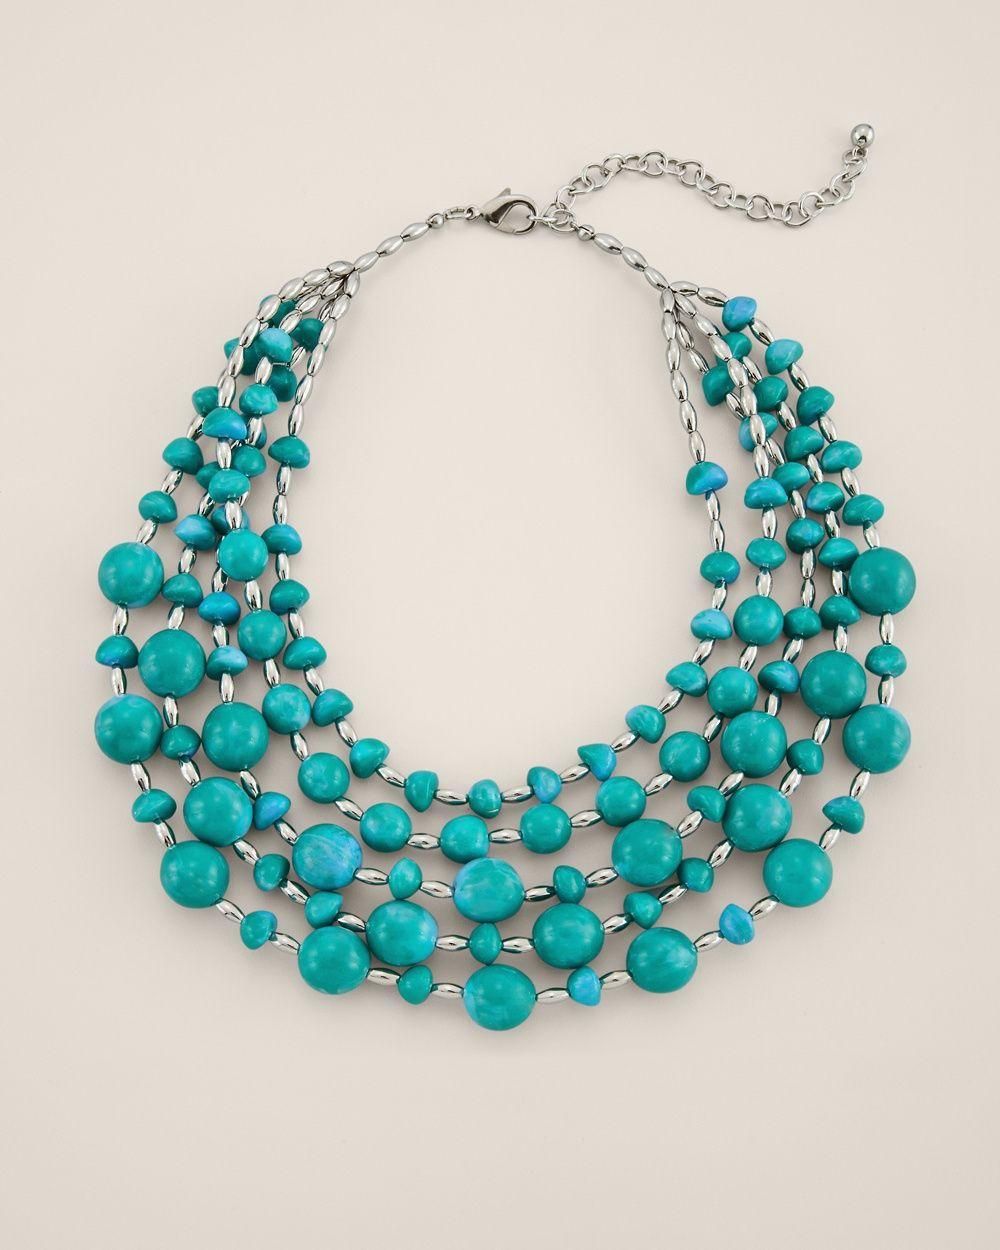 Green Dream Multi-Strand Necklace